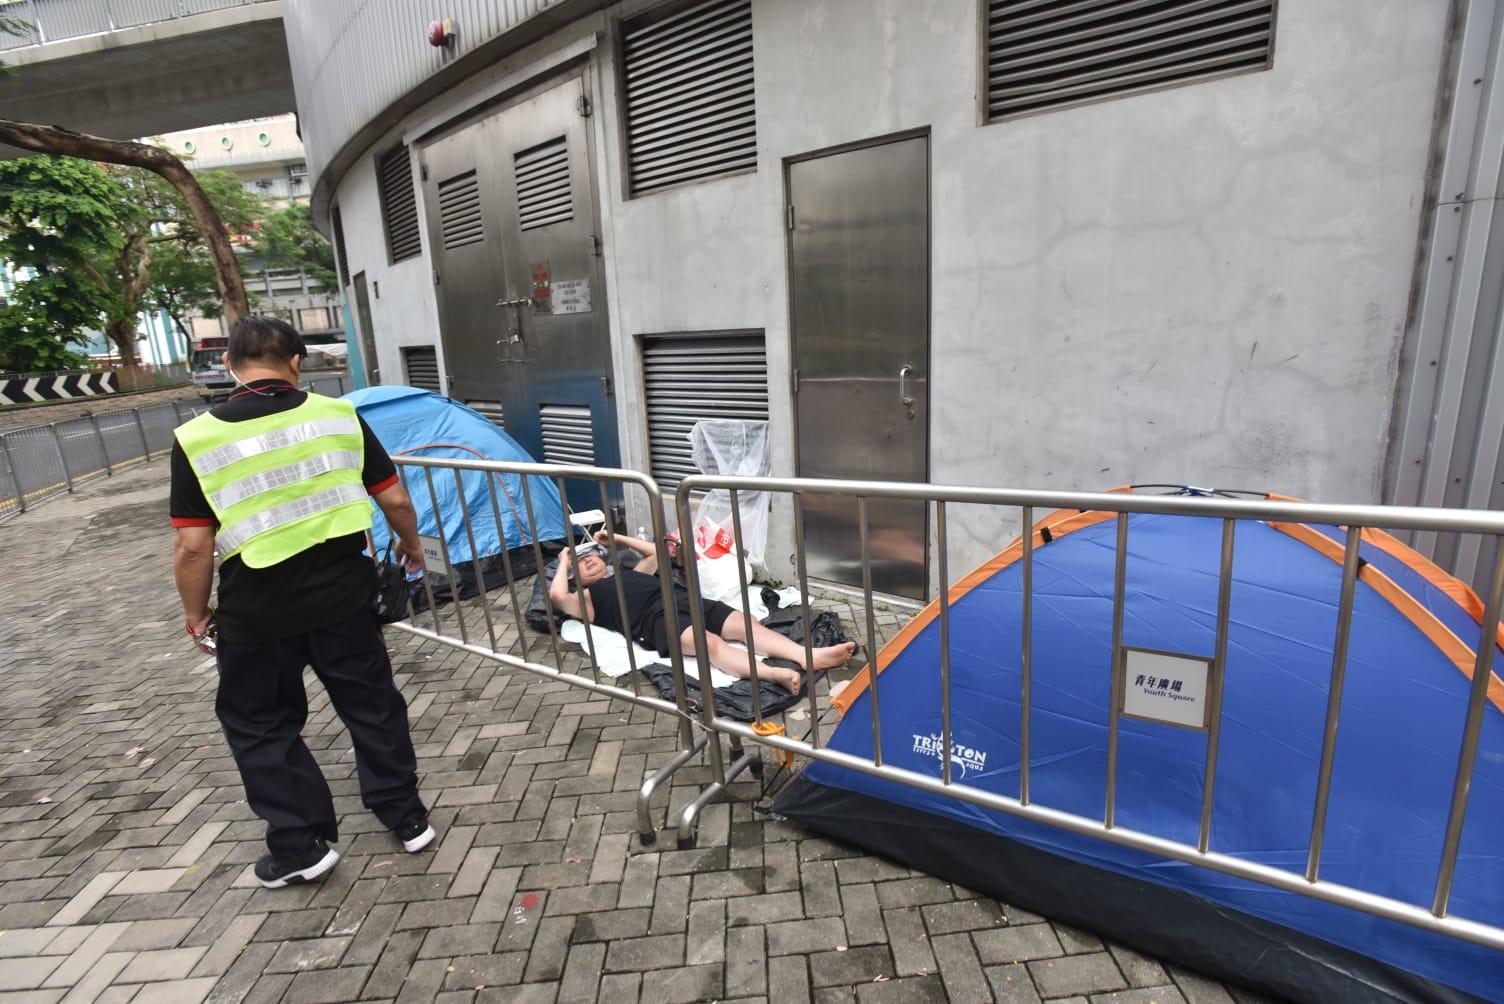 警方及廣場保安員今日明顯加強巡邏